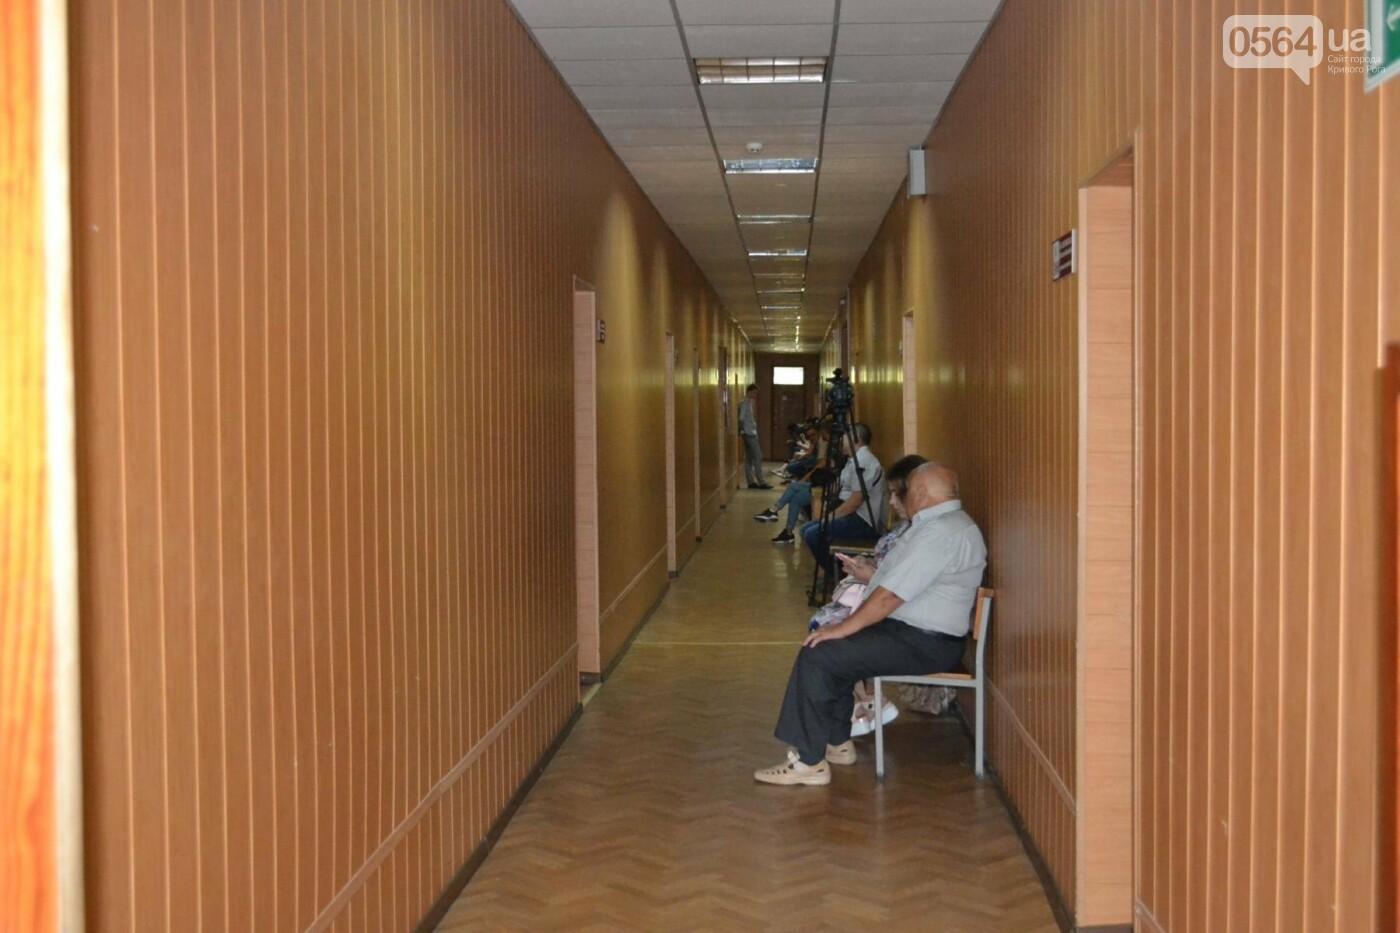 В Кривом Роге перенесли суд по делу о похищении и убийстве 20-летнего студента, - ФОТО, фото-2